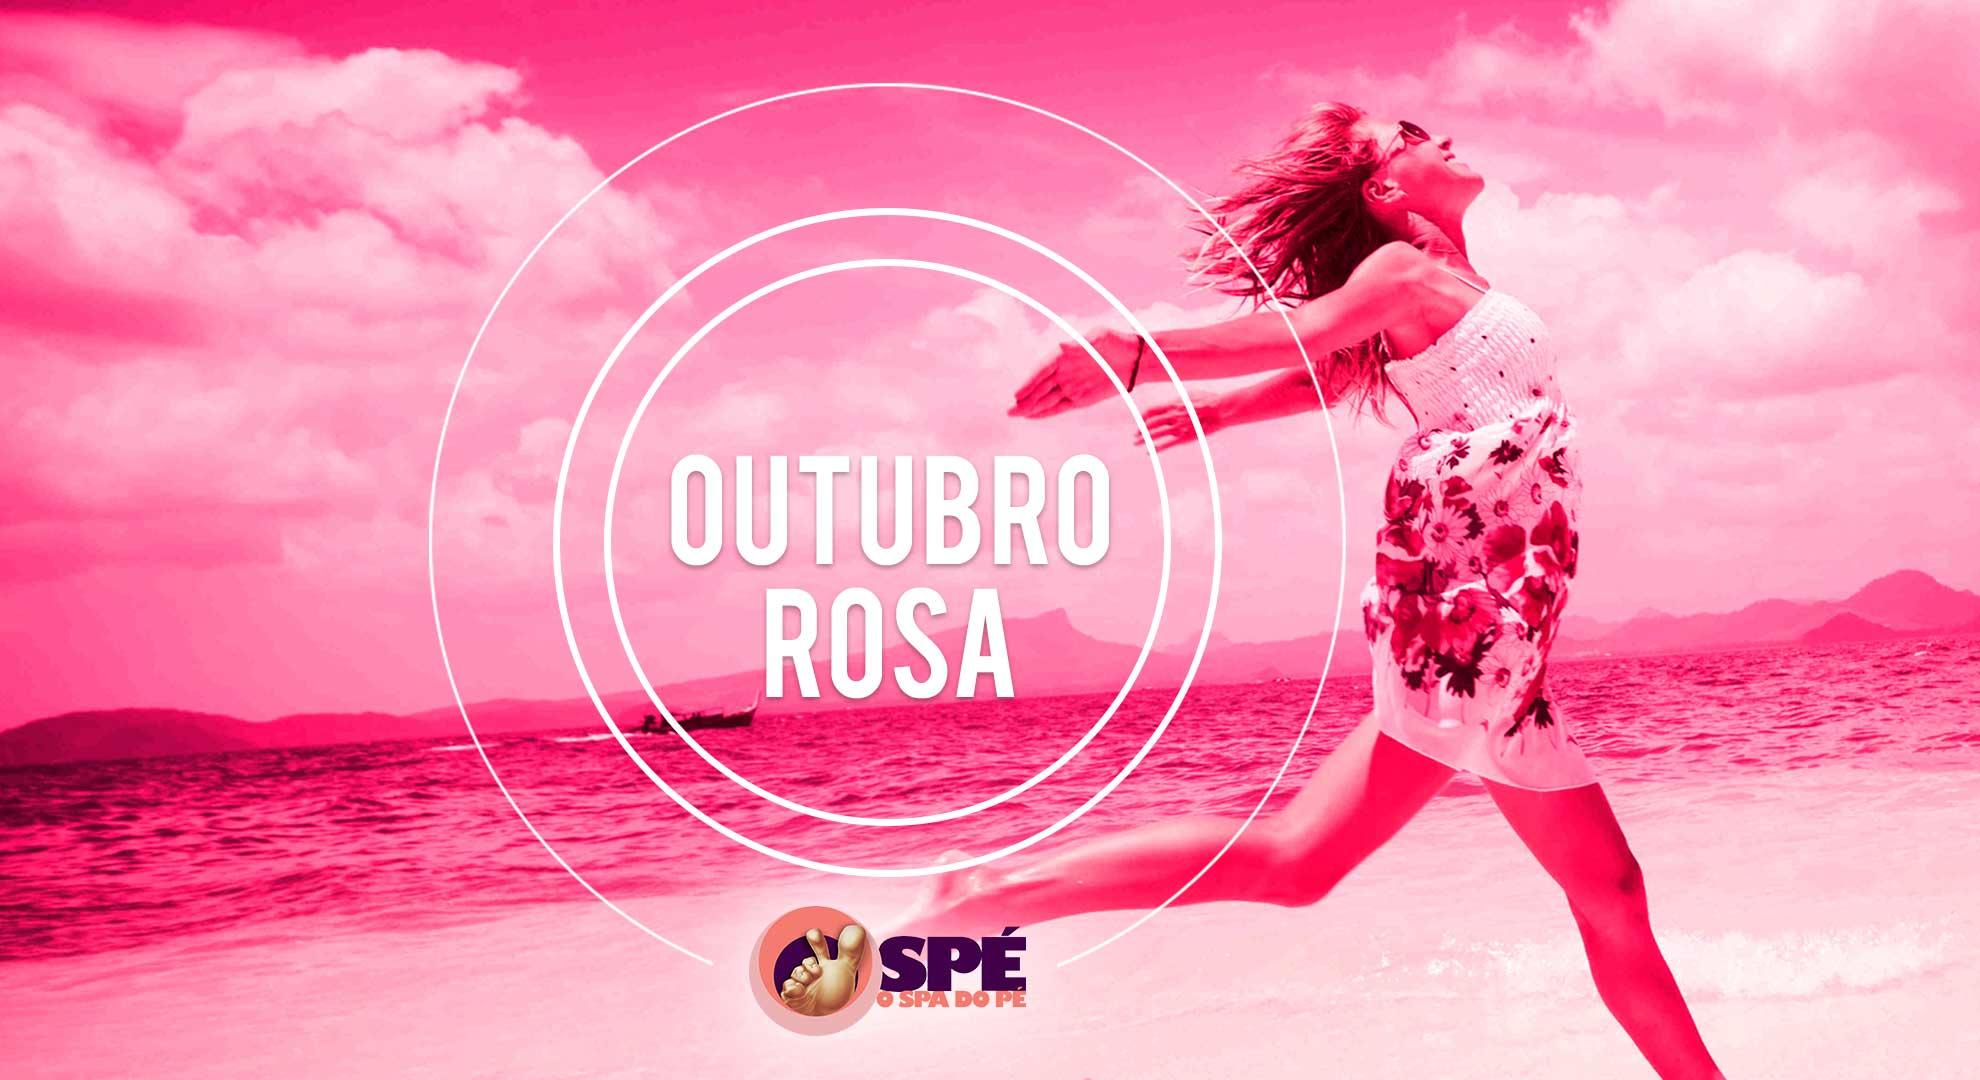 cancer de mama ,Outubro Rosa ,SPÉ